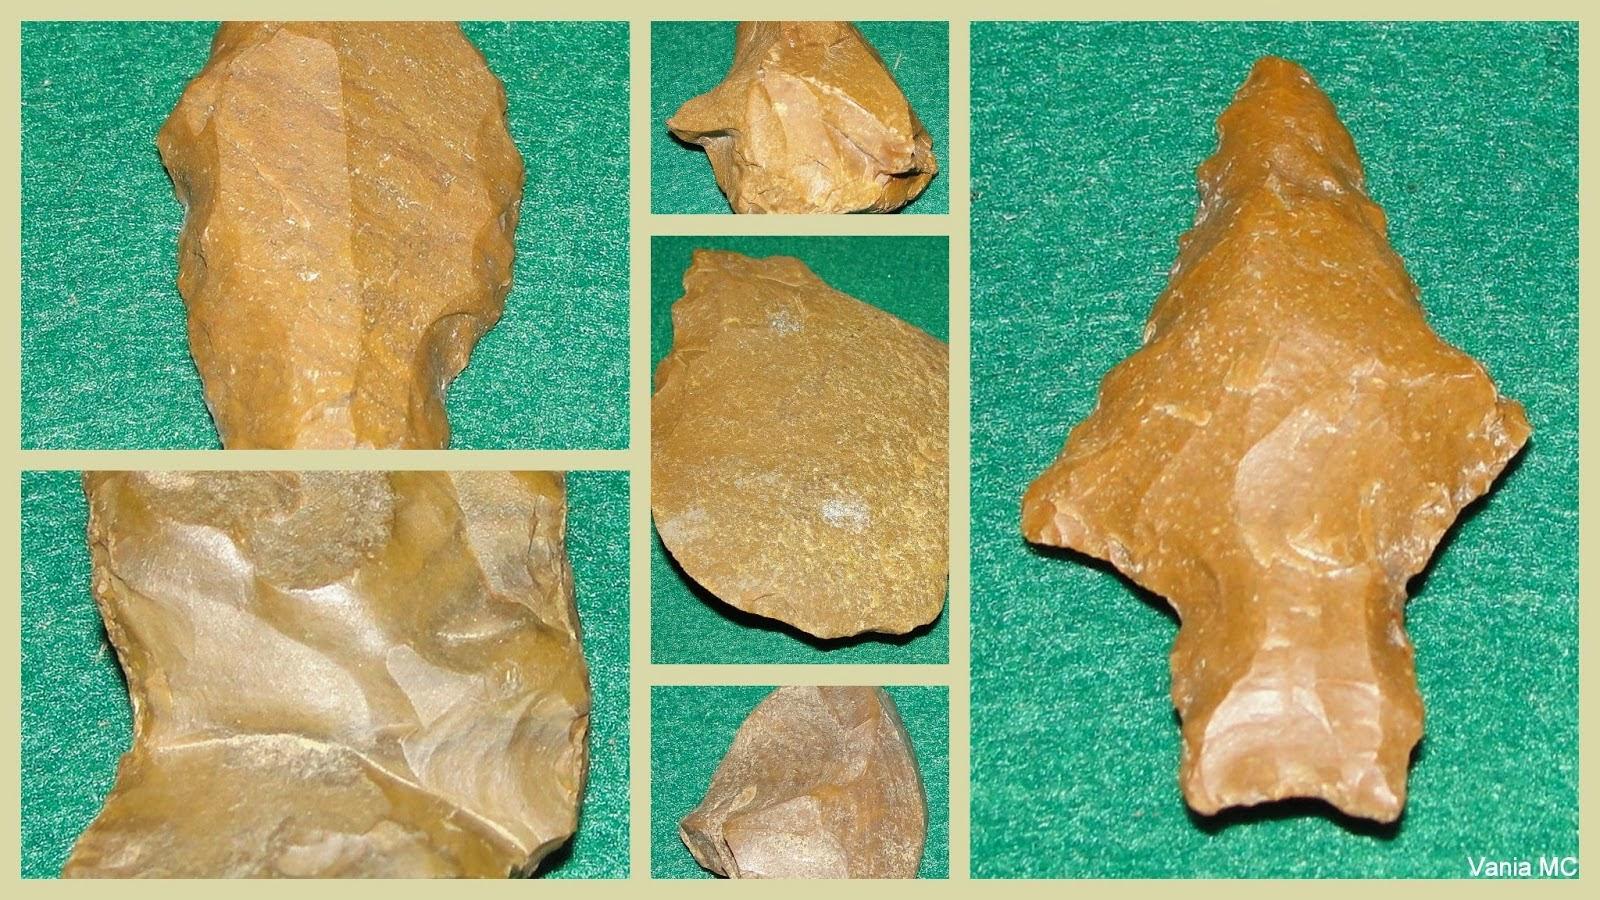 Cerâmica e artefatos líticos